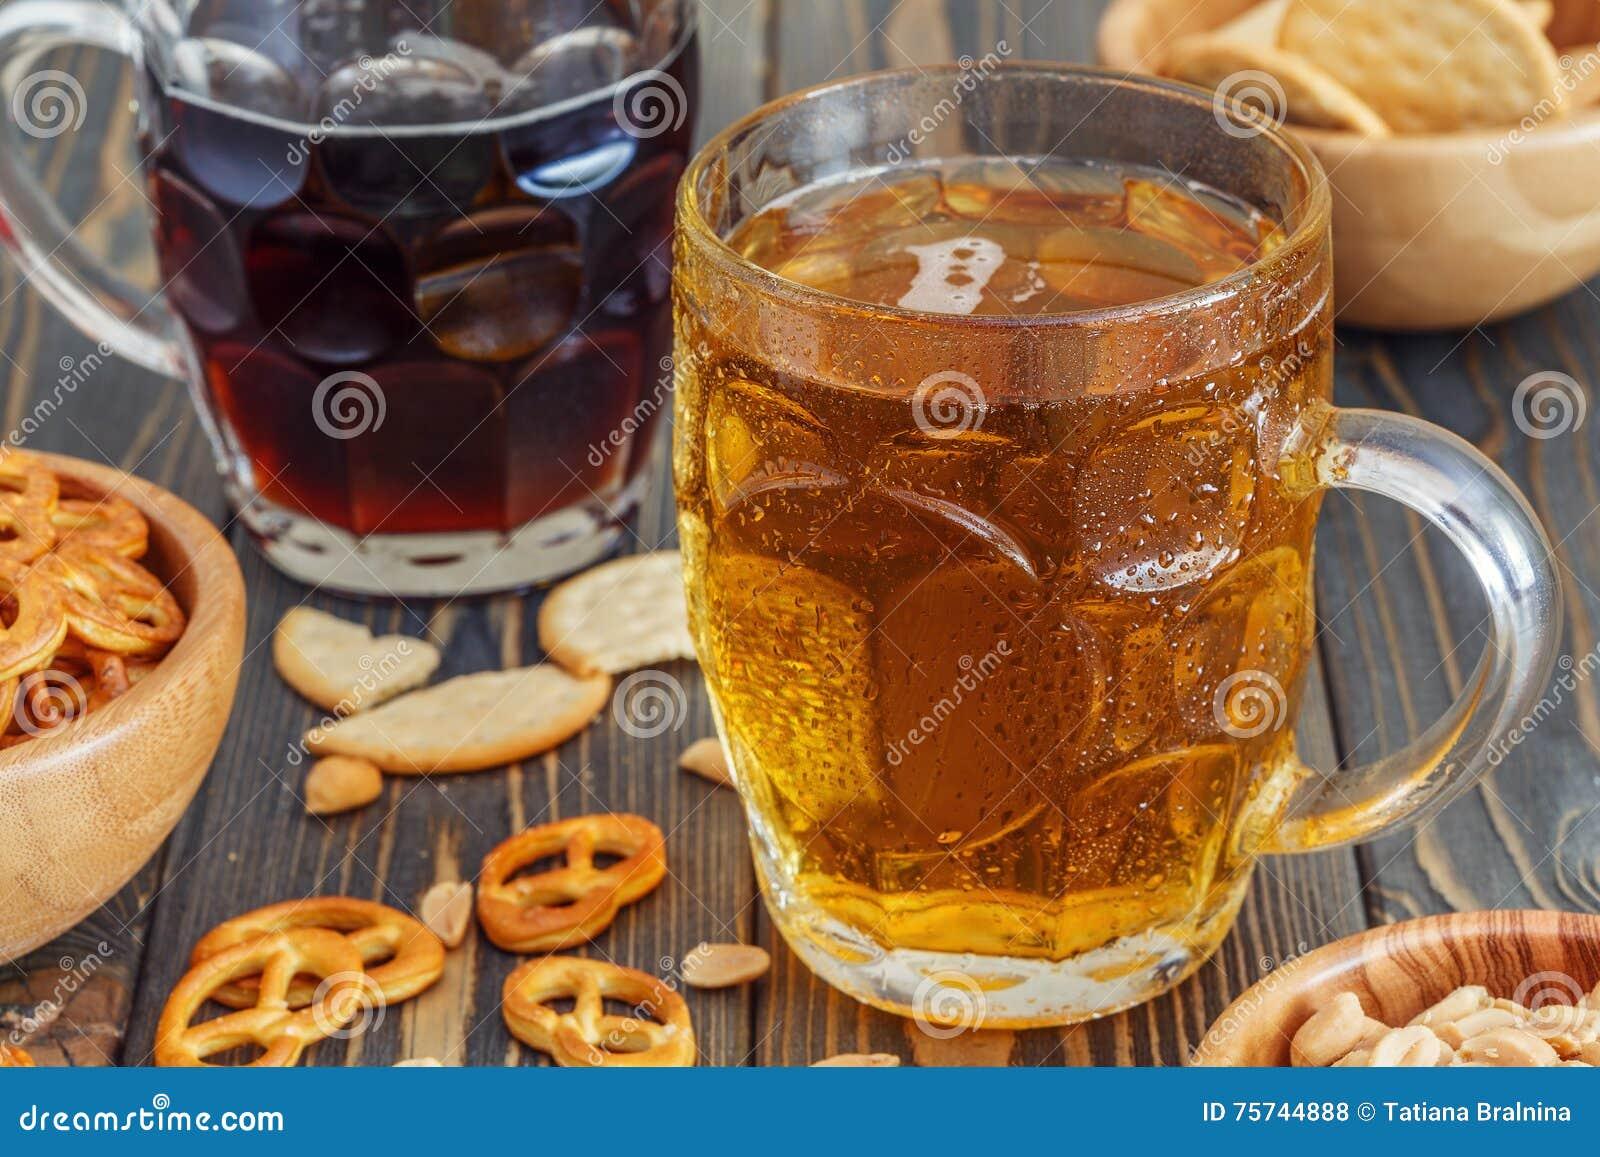 Bière avec des bretzels, des biscuits et des écrous